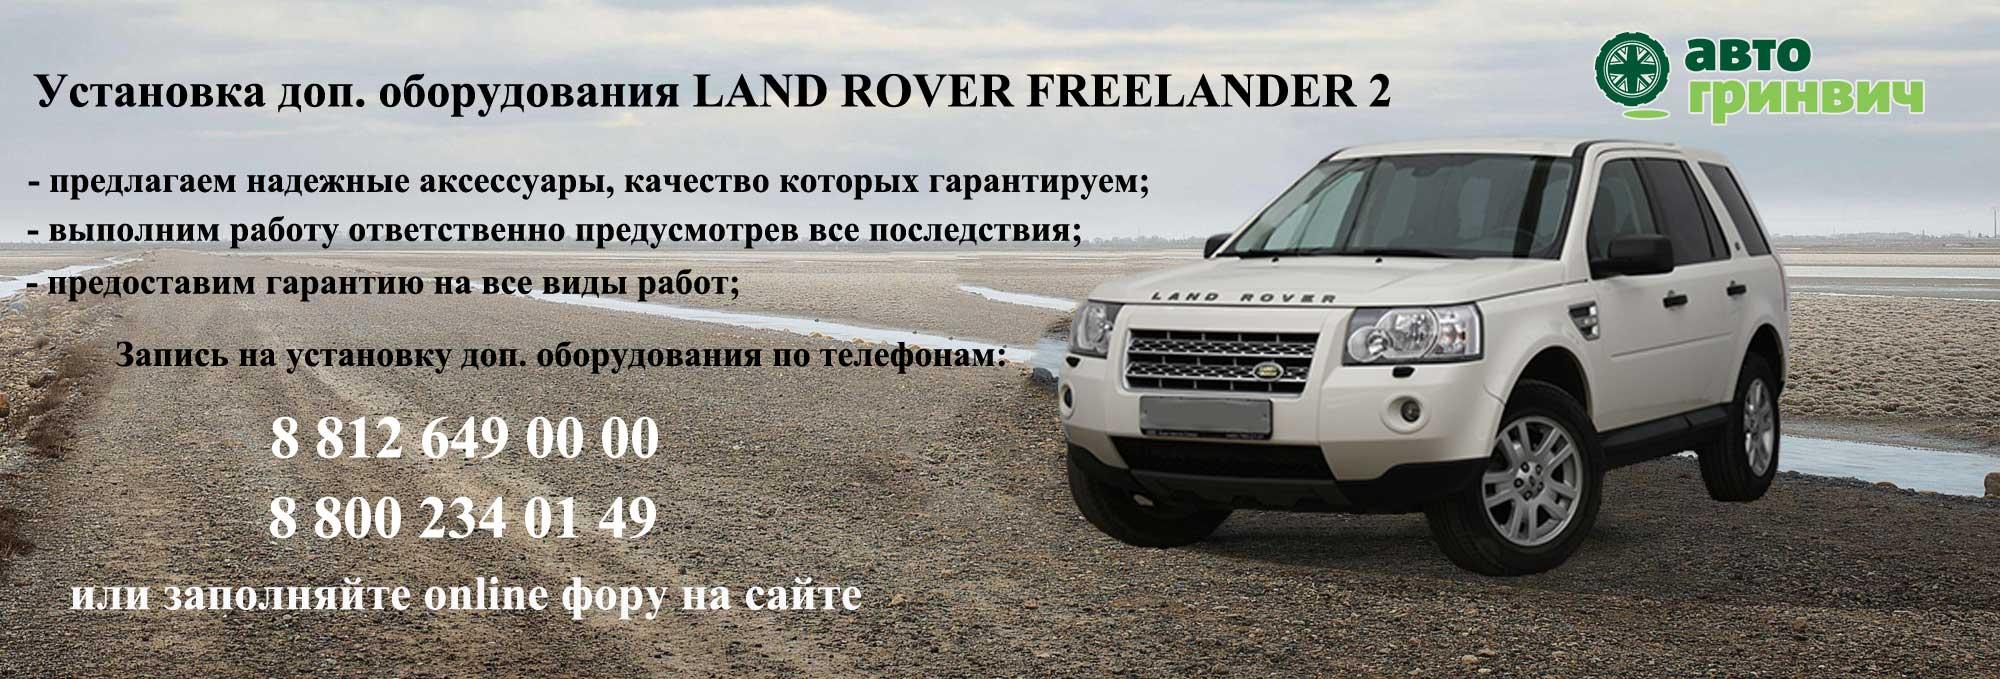 Установка доп. оборудования FREELANDER 2